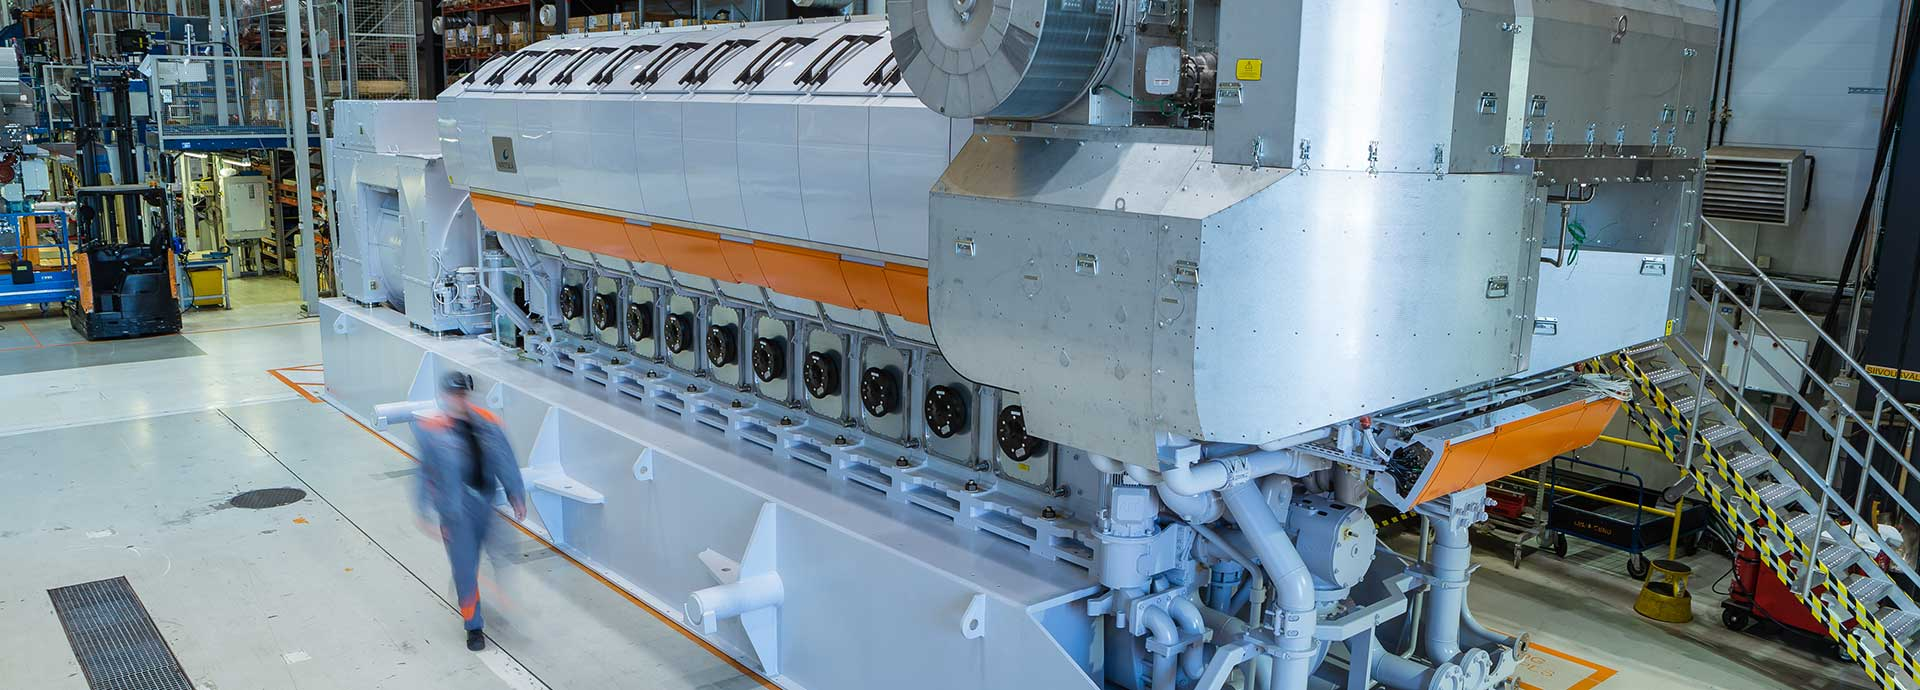 Wartsila 31SG the worlds most efficient 4stroke engine